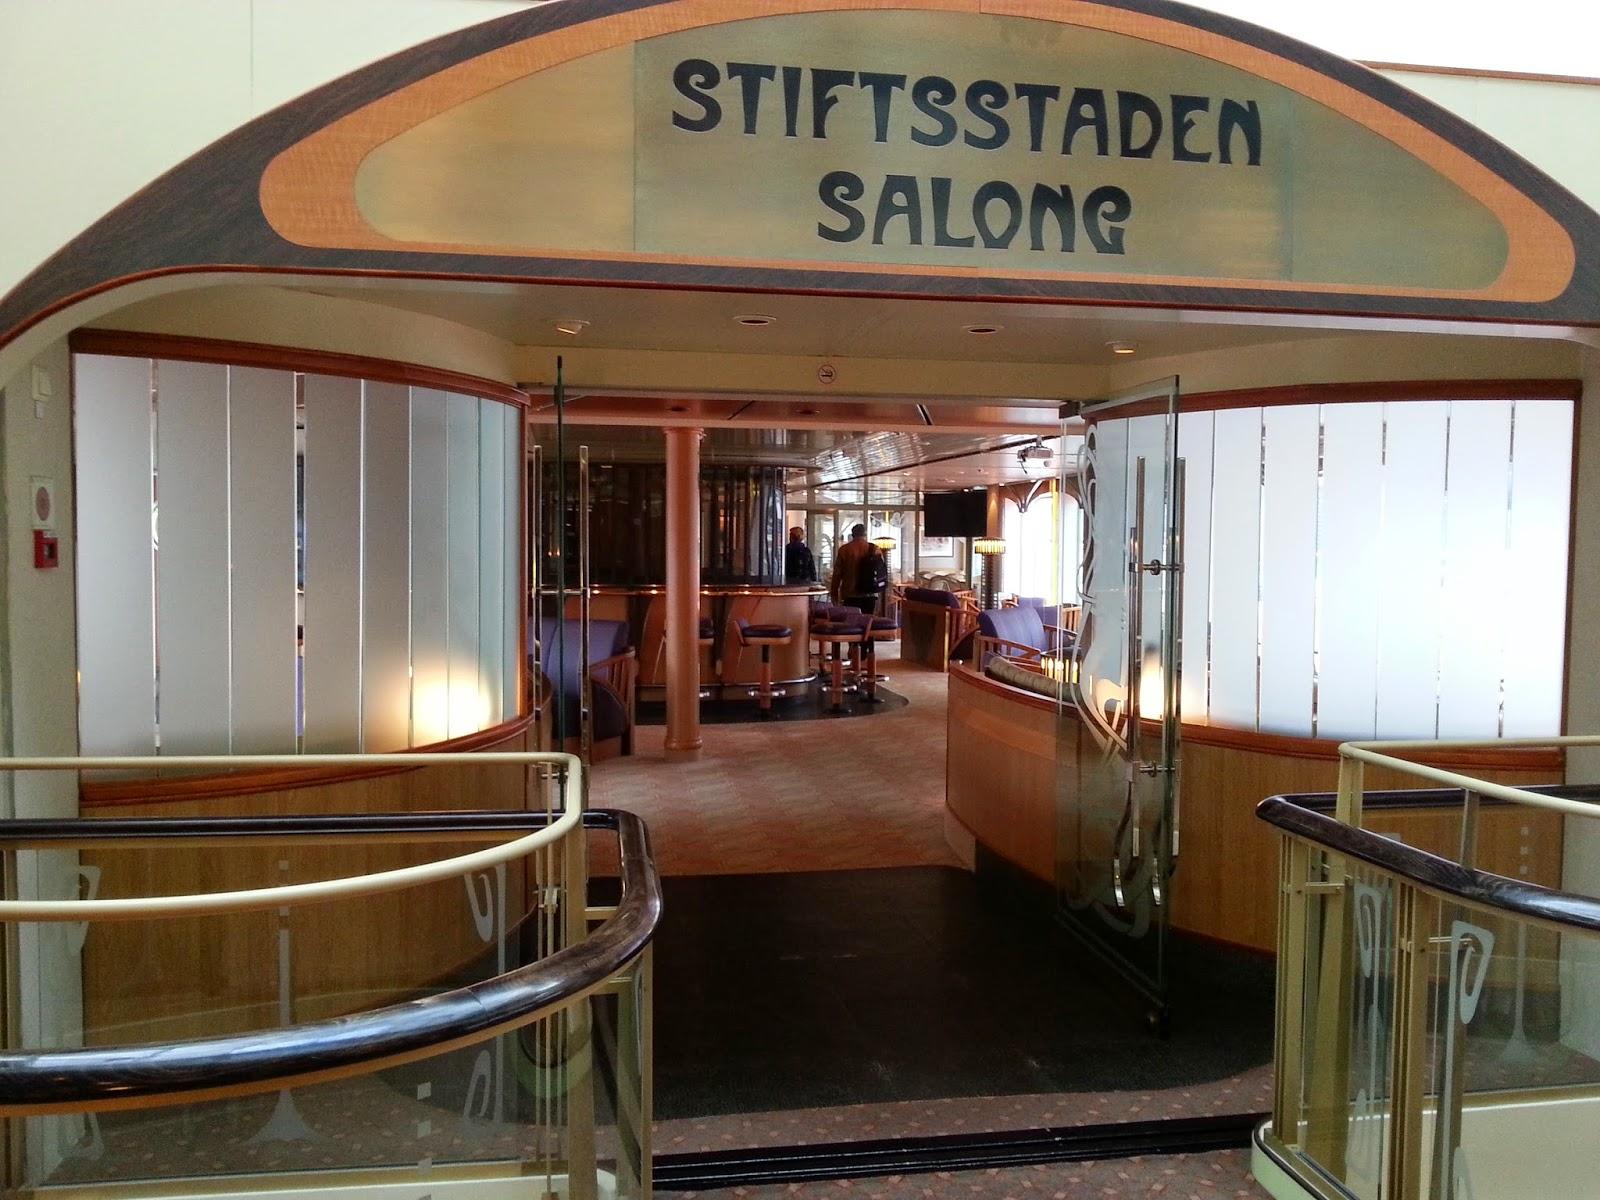 Hurtigruten MS Finnmarken - Stiftsstaden Salong